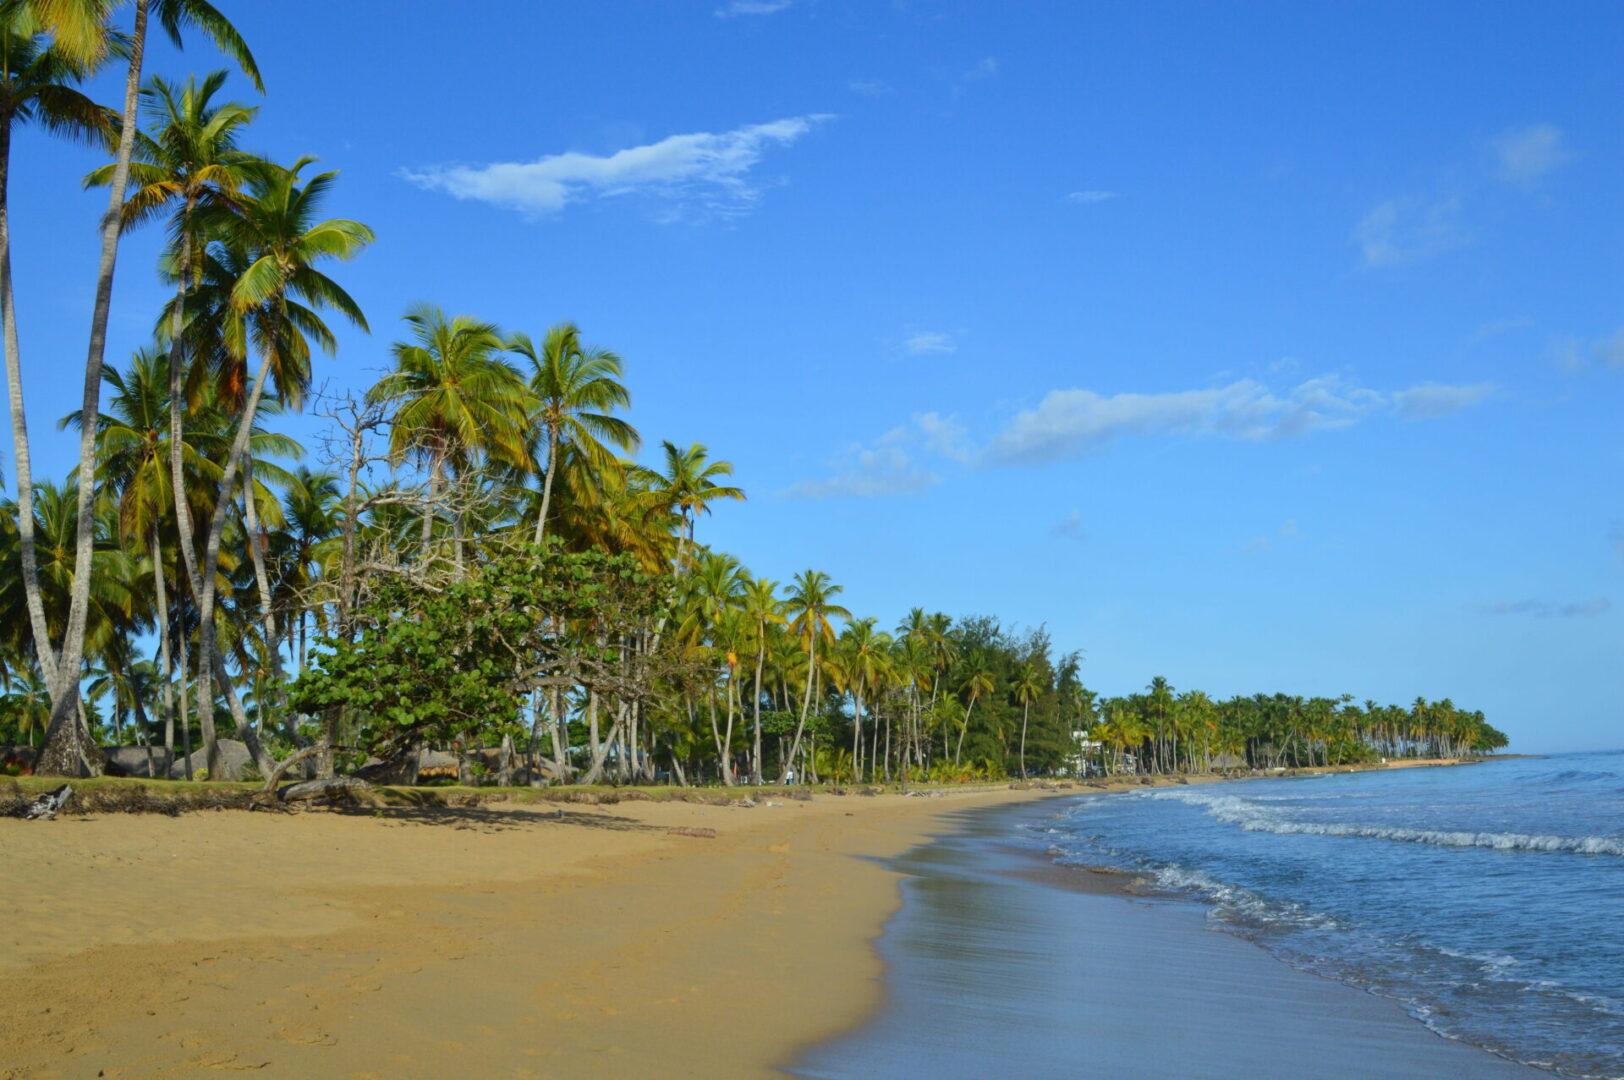 Playa de Punta Uva